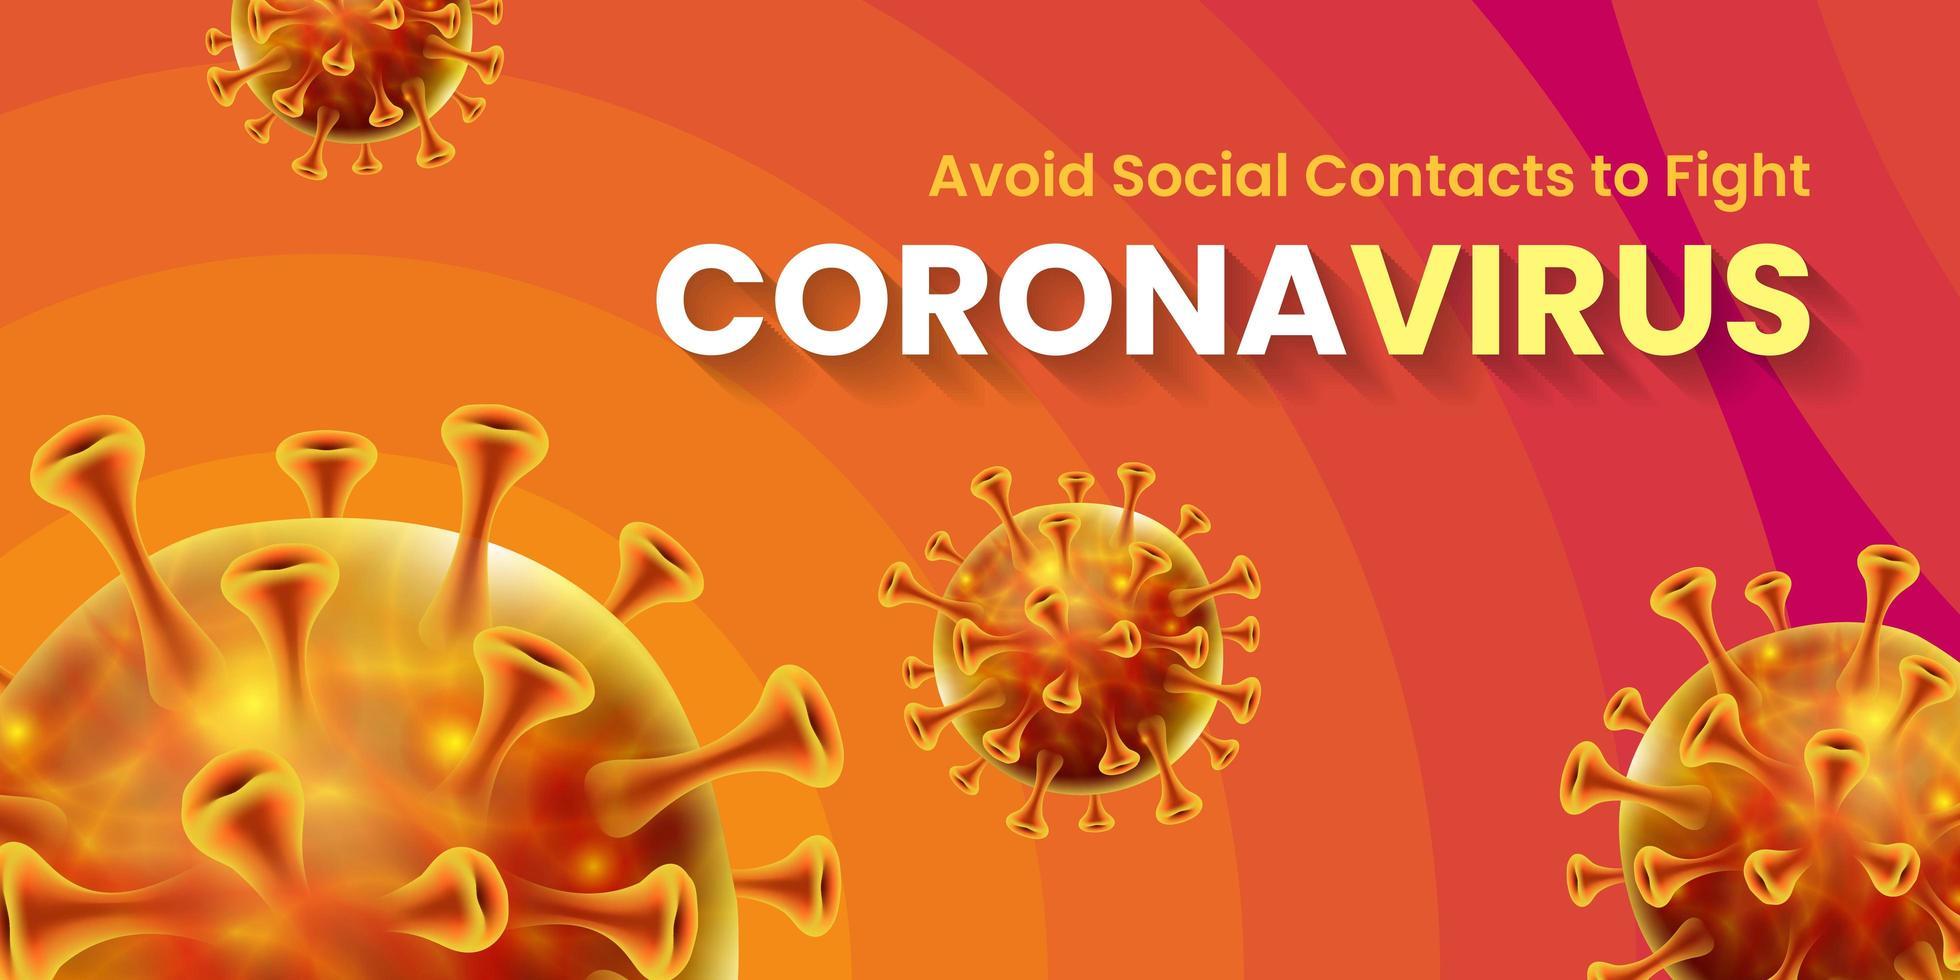 conception de bannière de pandémie mondiale de virus corona covid-19 vecteur